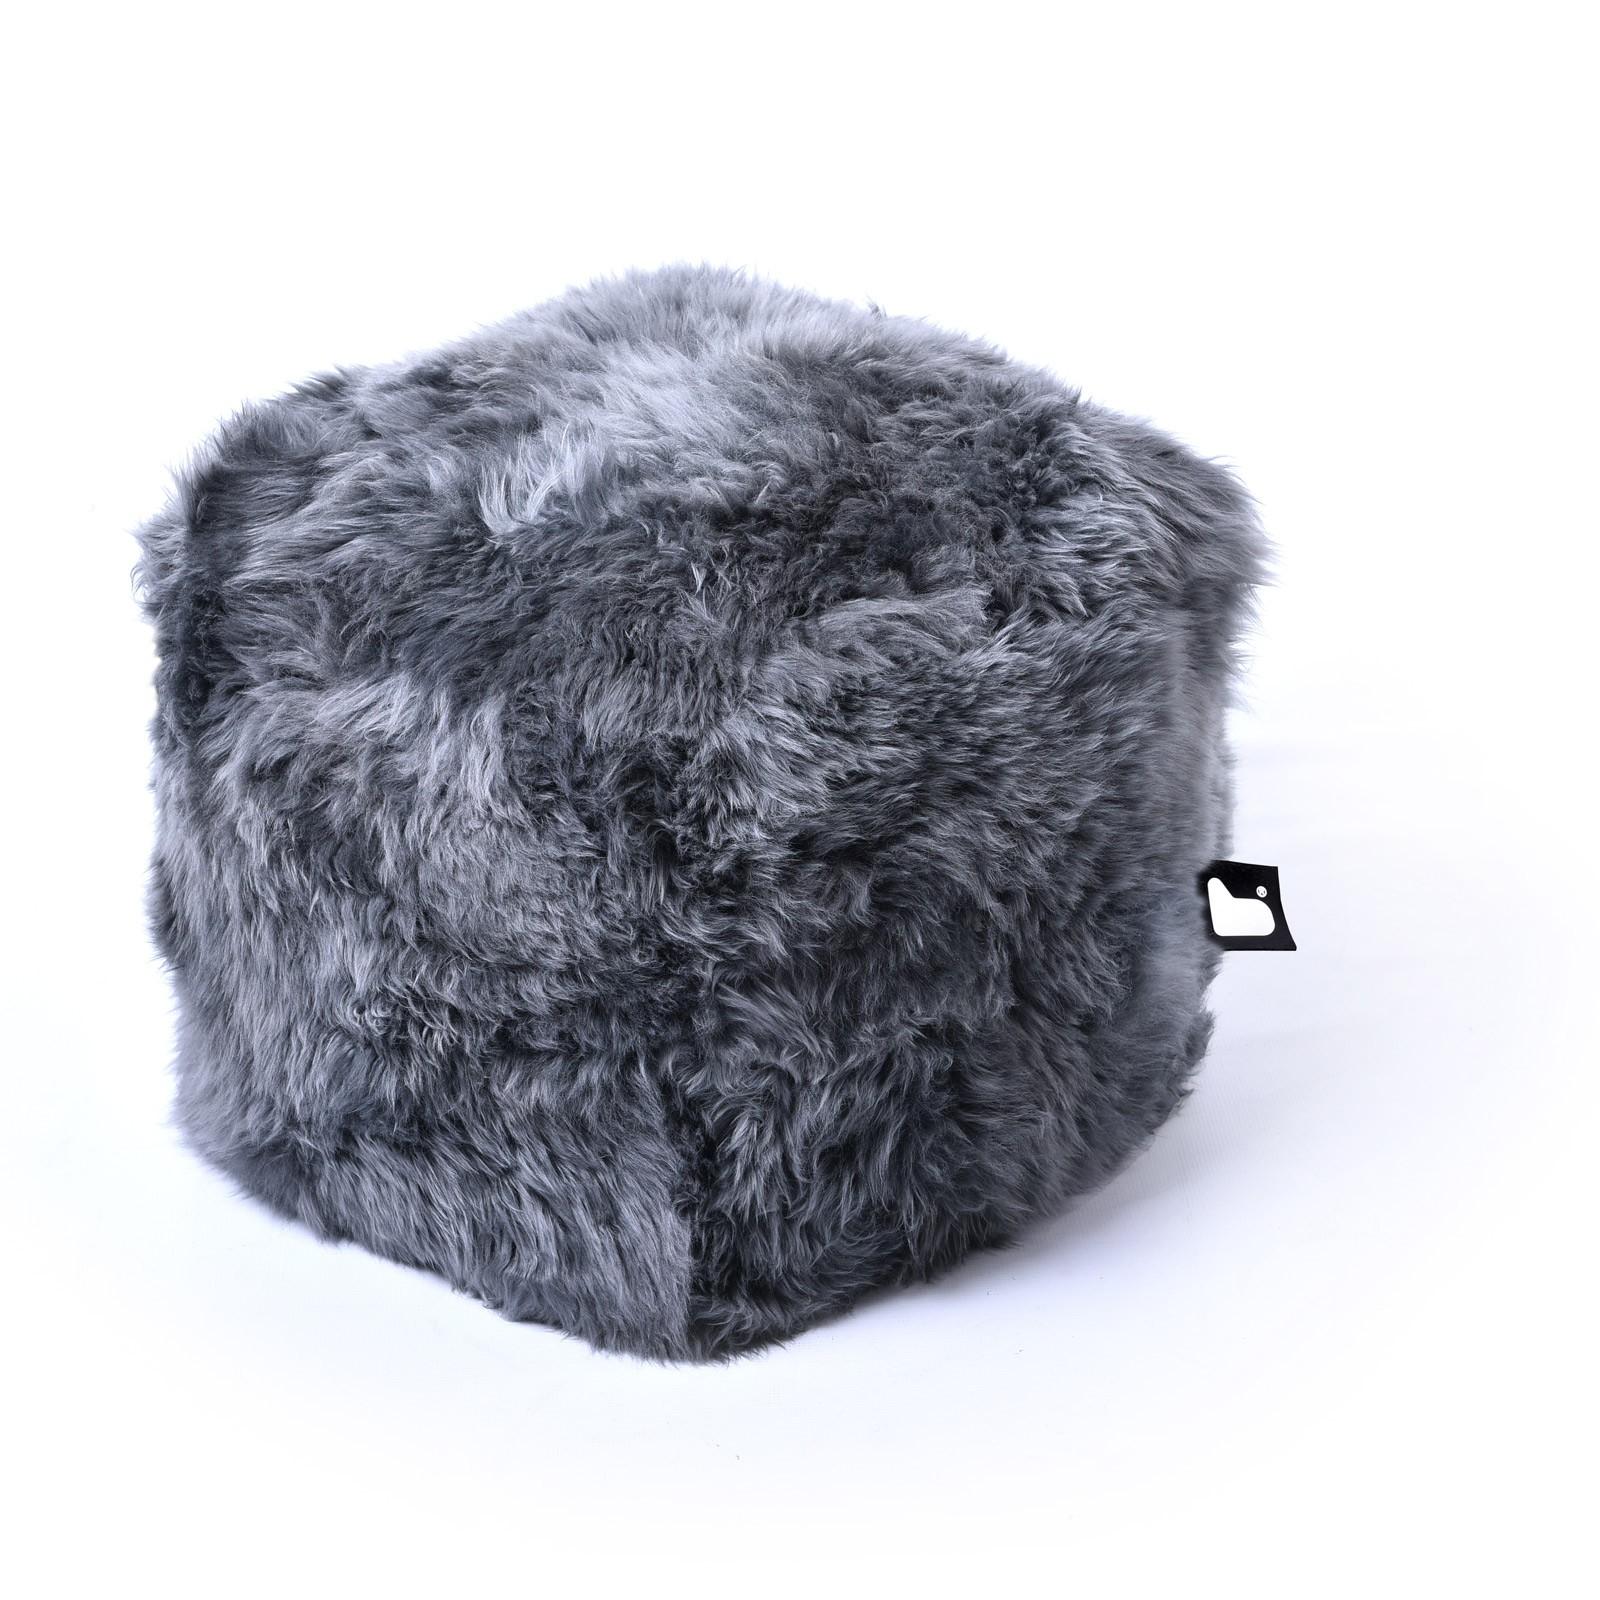 b-bag Extreme Lounging Fellsitzwürfel b-box Sheepskin Fur, Farbe Grey